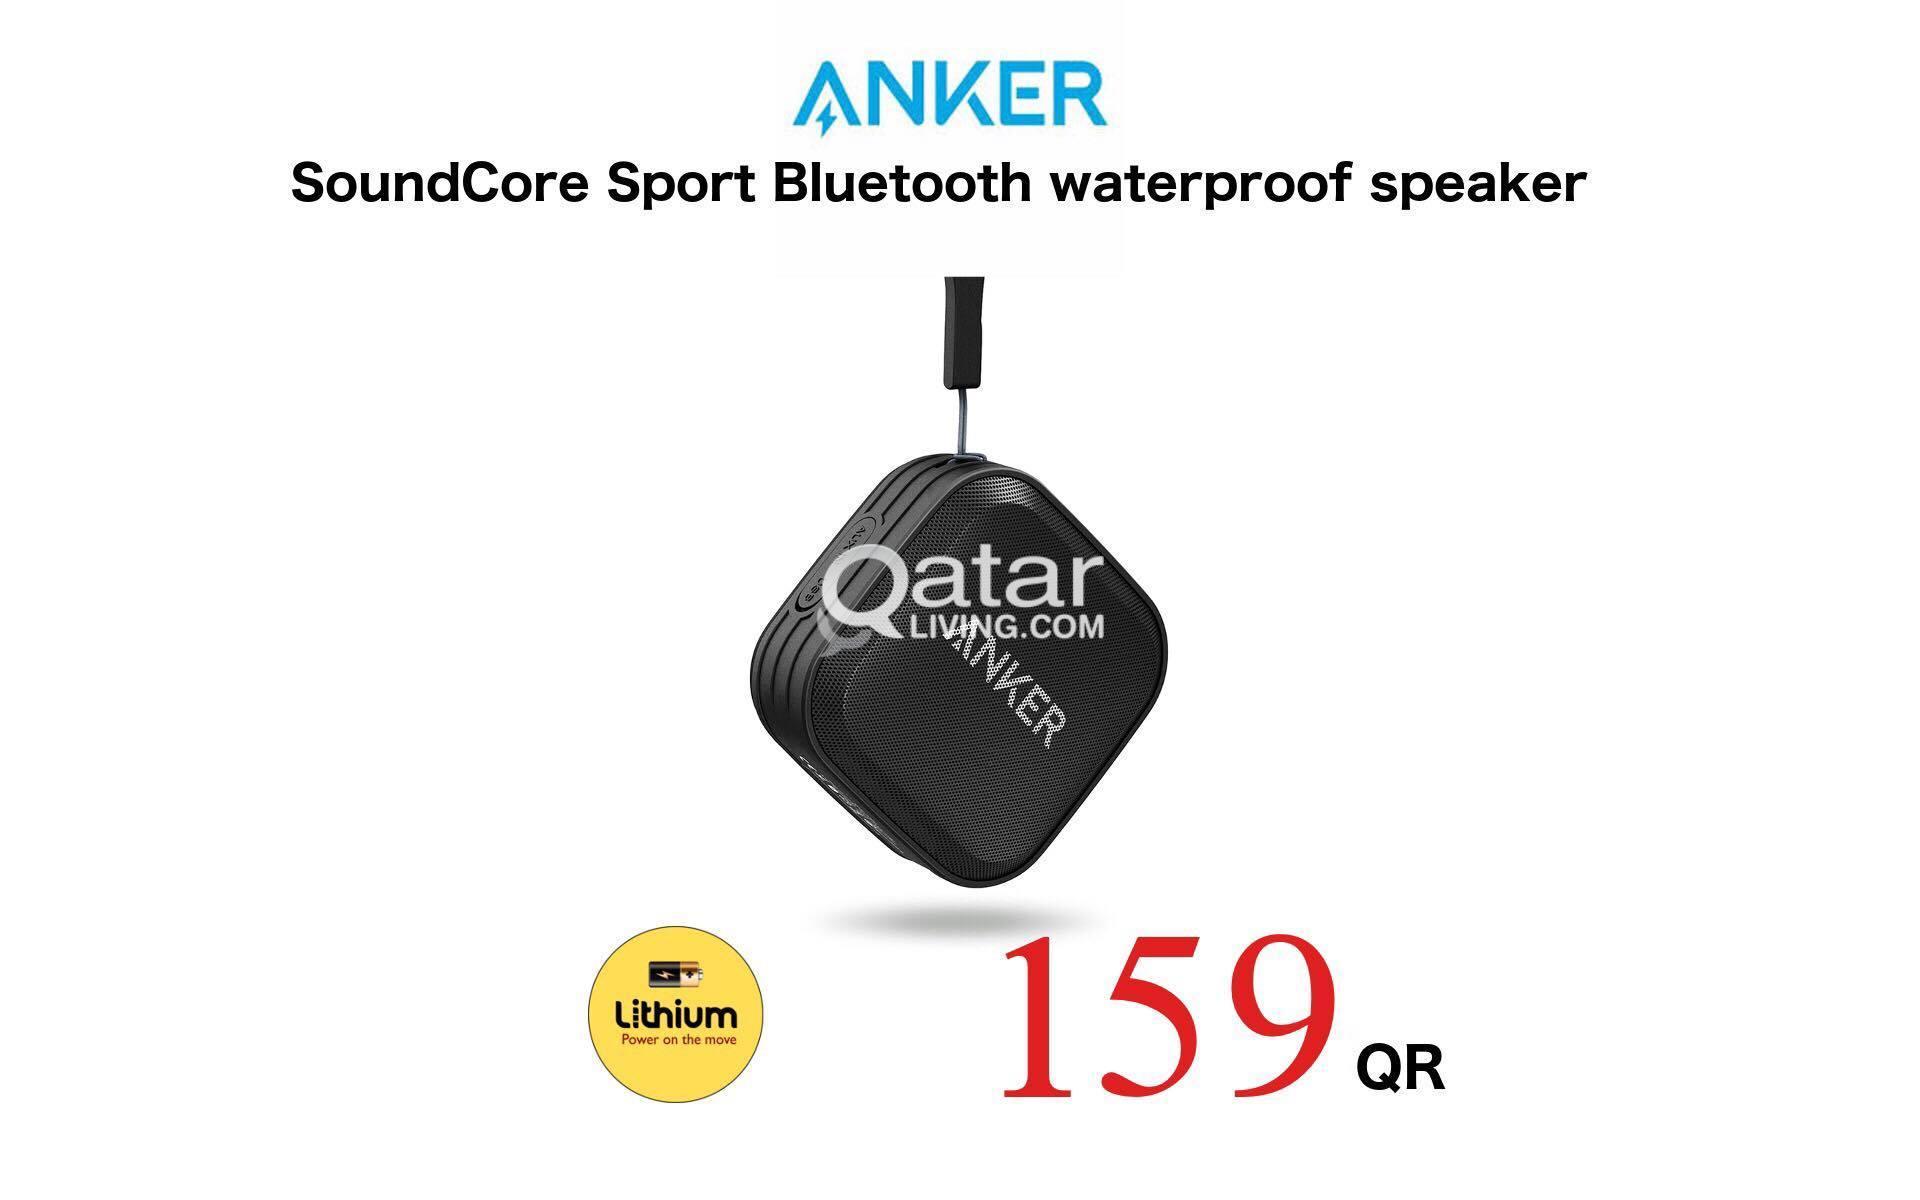 Anker Speaker SoundCore Sport Portable Wireless Shower Bluetooth Waterproof